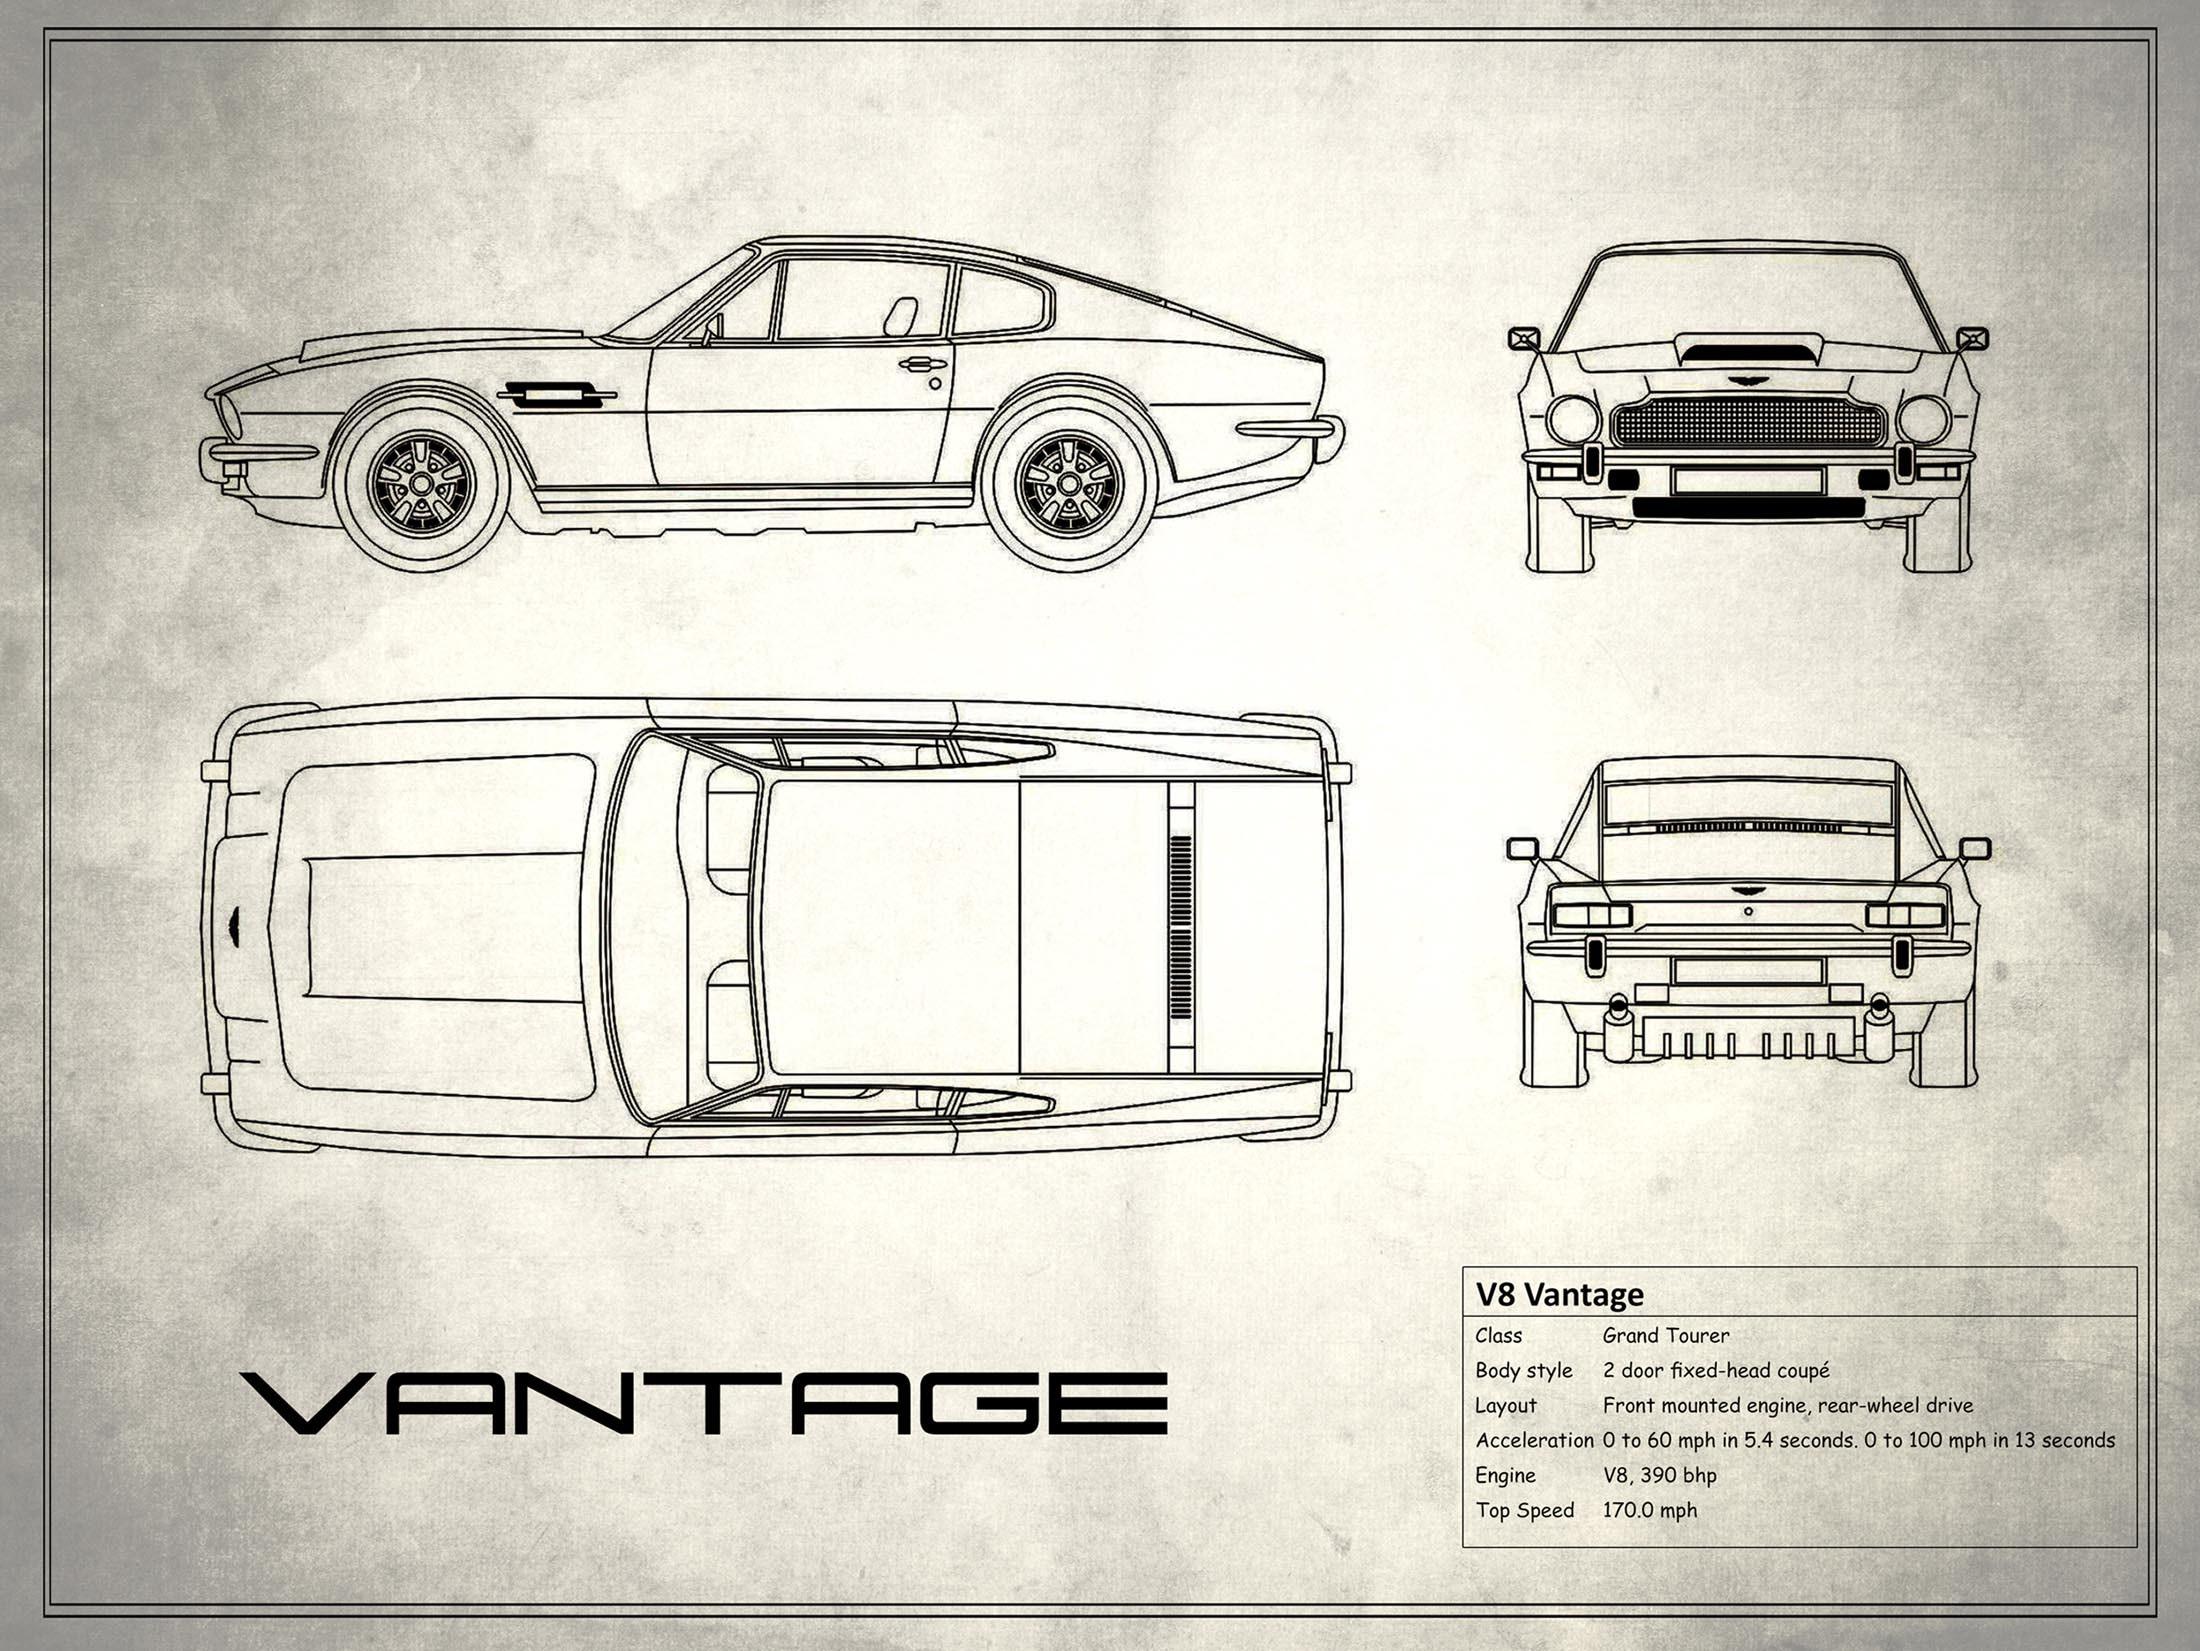 Aston Martin V8 Vantage - White